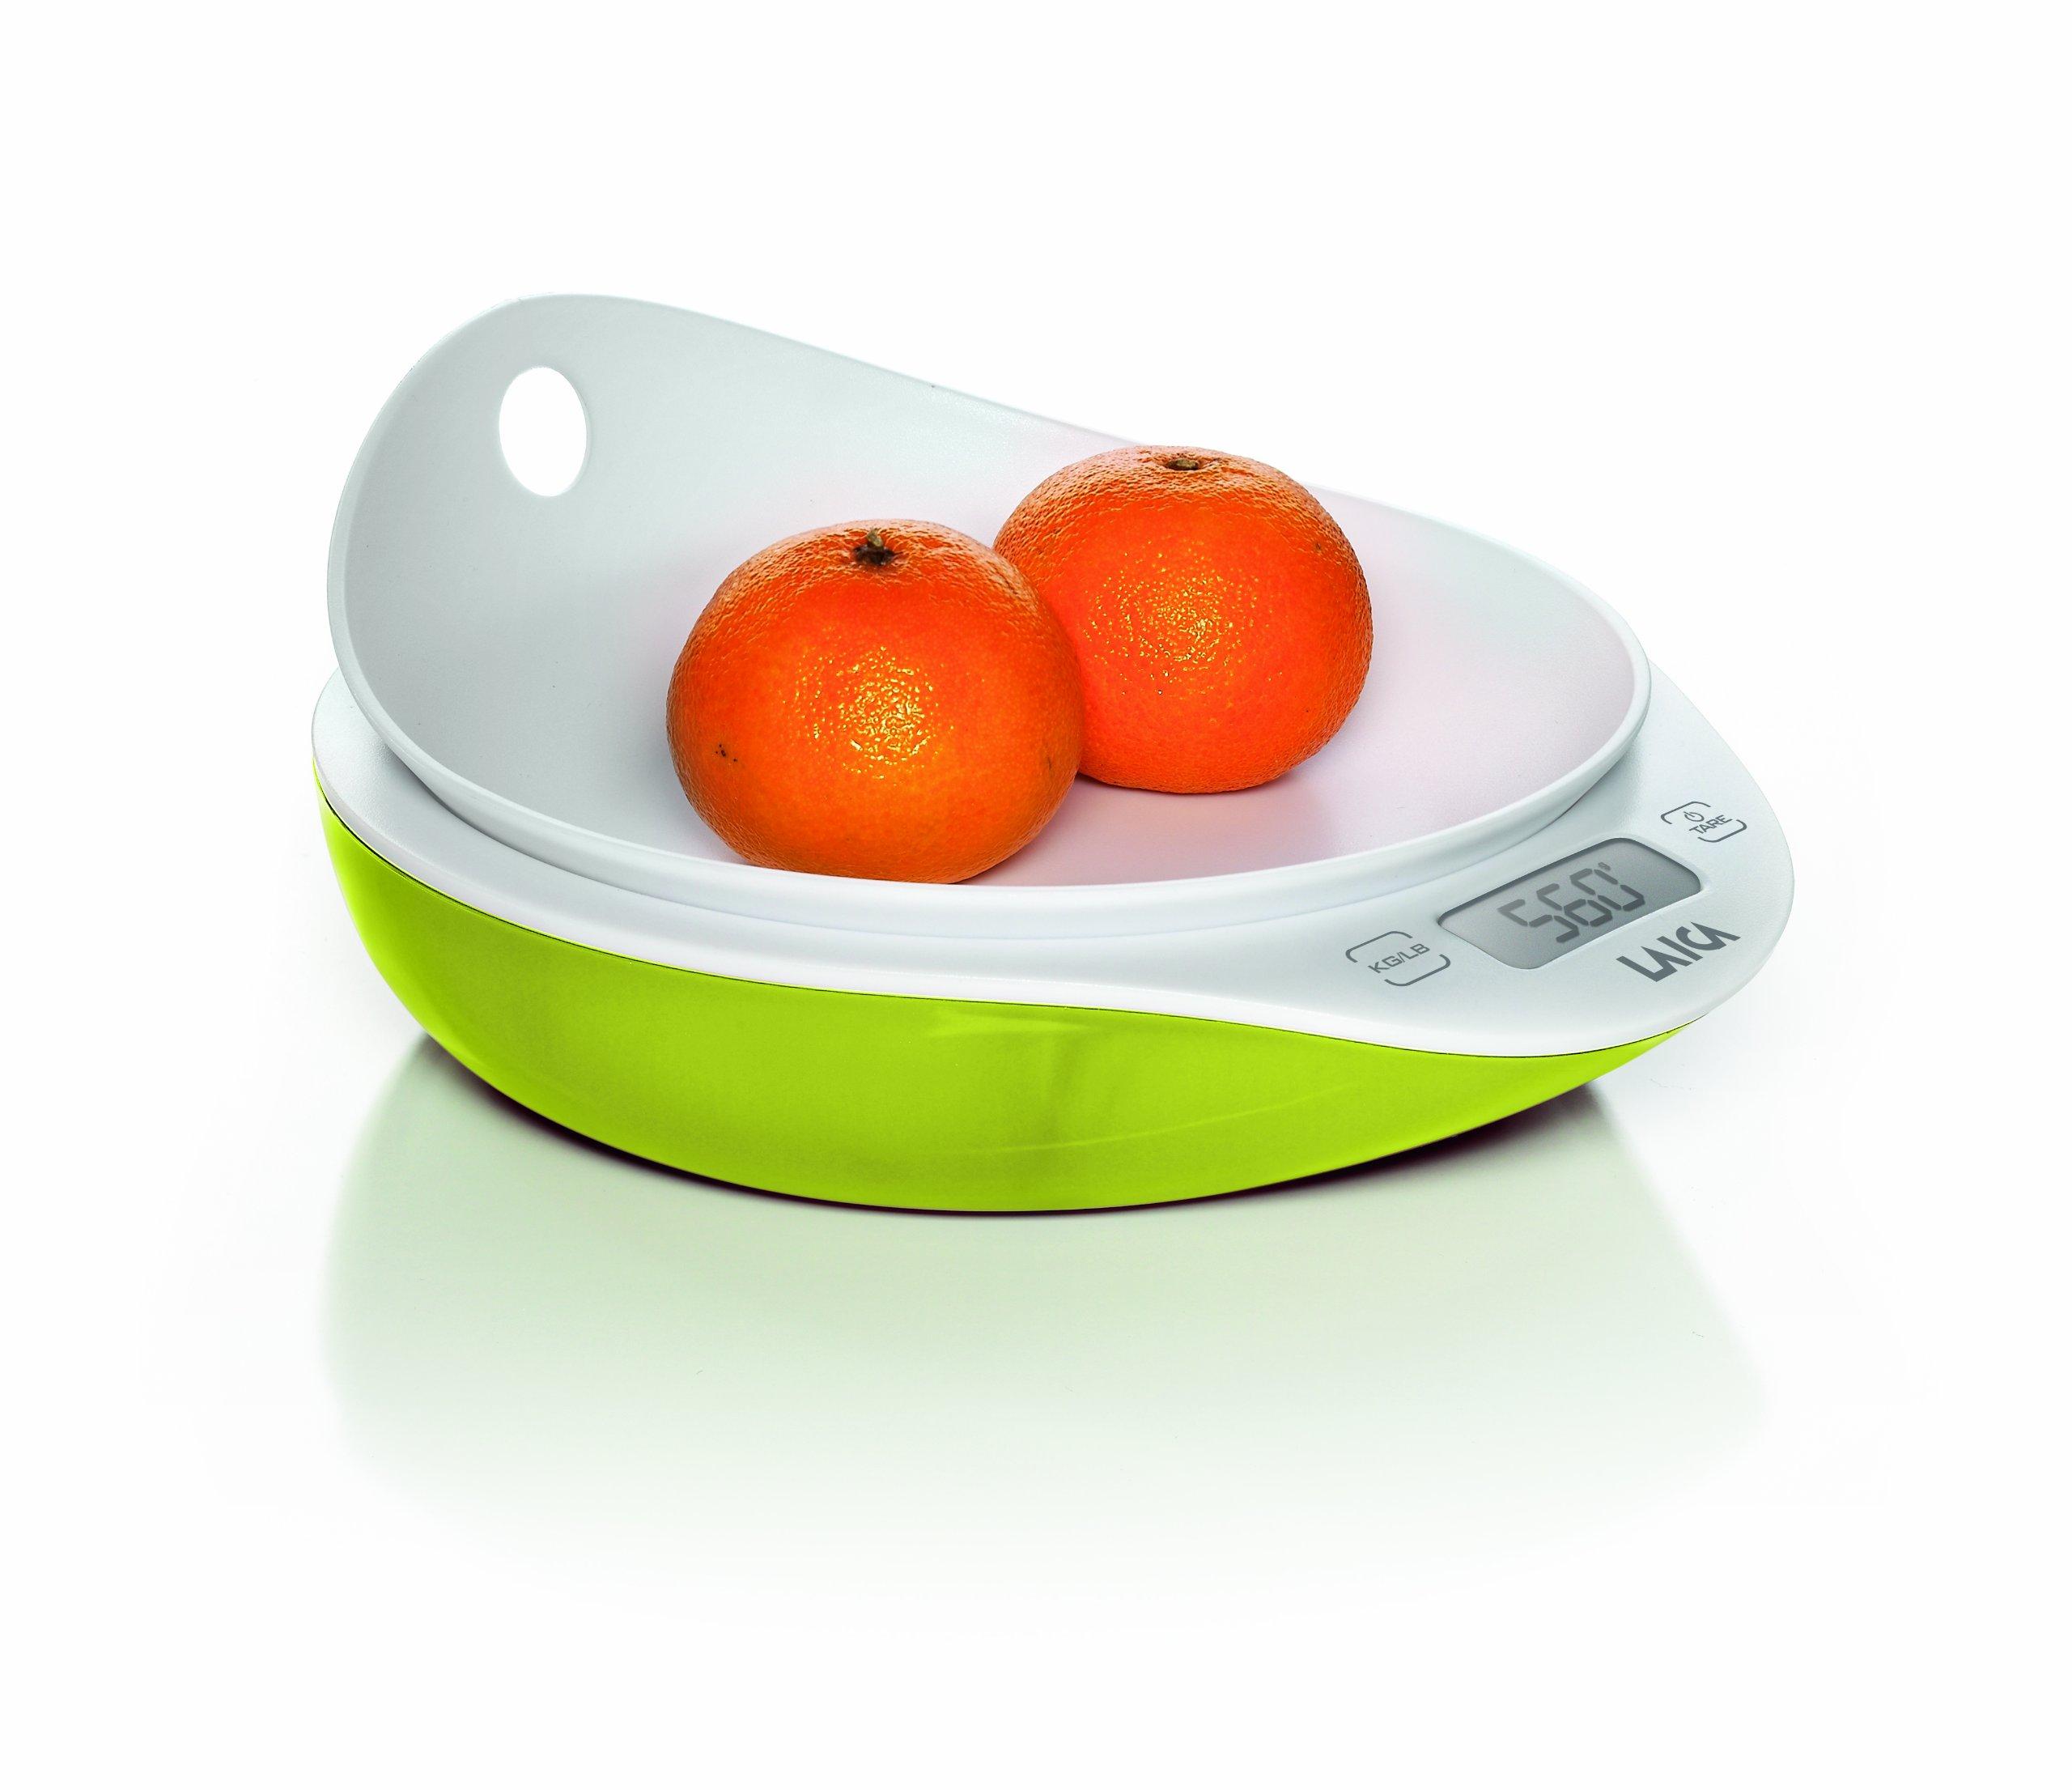 Laica Bilancia Da Cucina Kg 5 KS1025 Verde